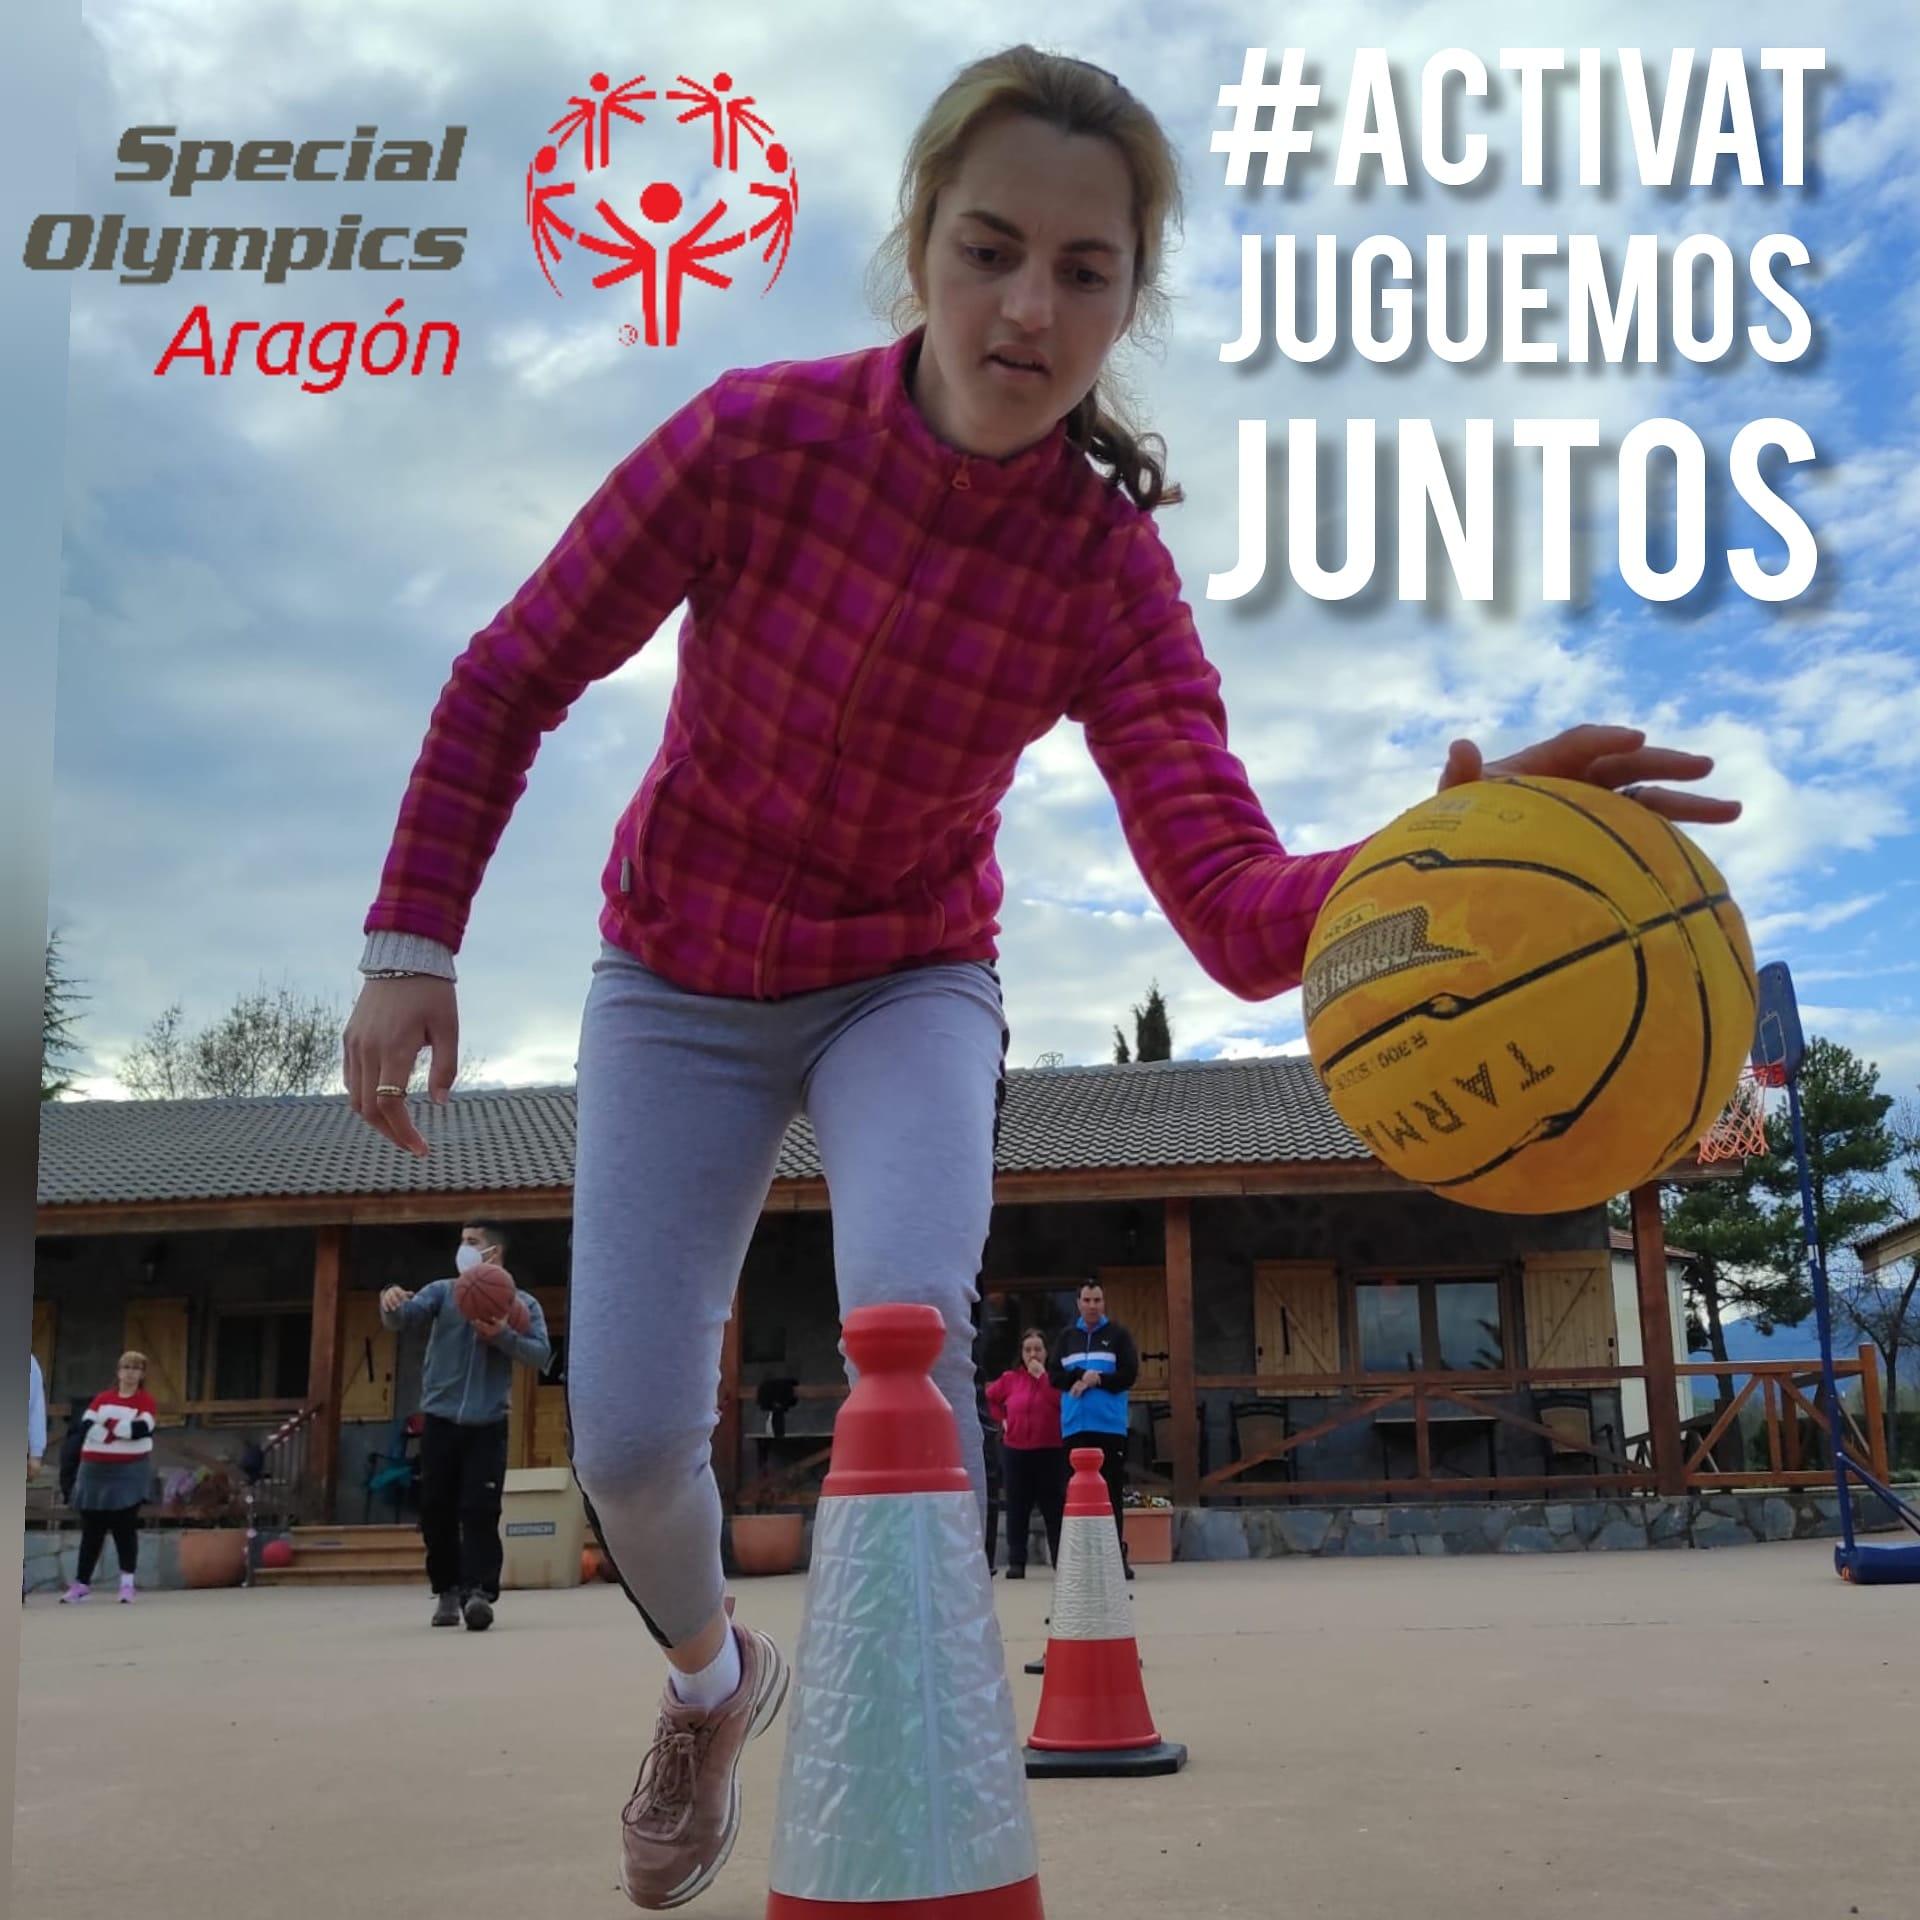 ActivaT:Juguemos Juntos